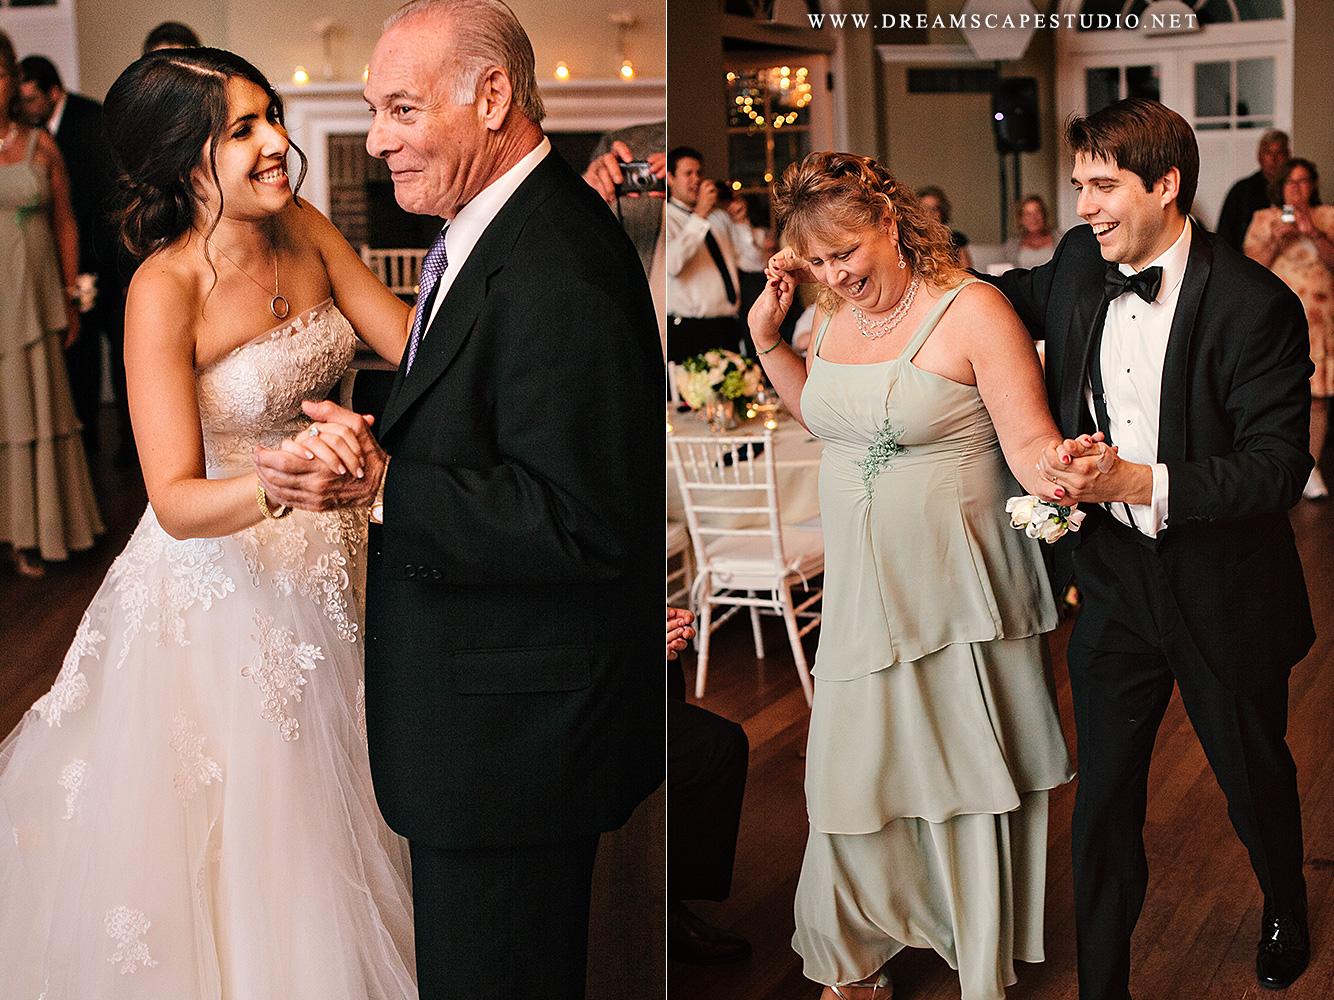 NY_Wedding_Photographer_JeRy_51.jpg